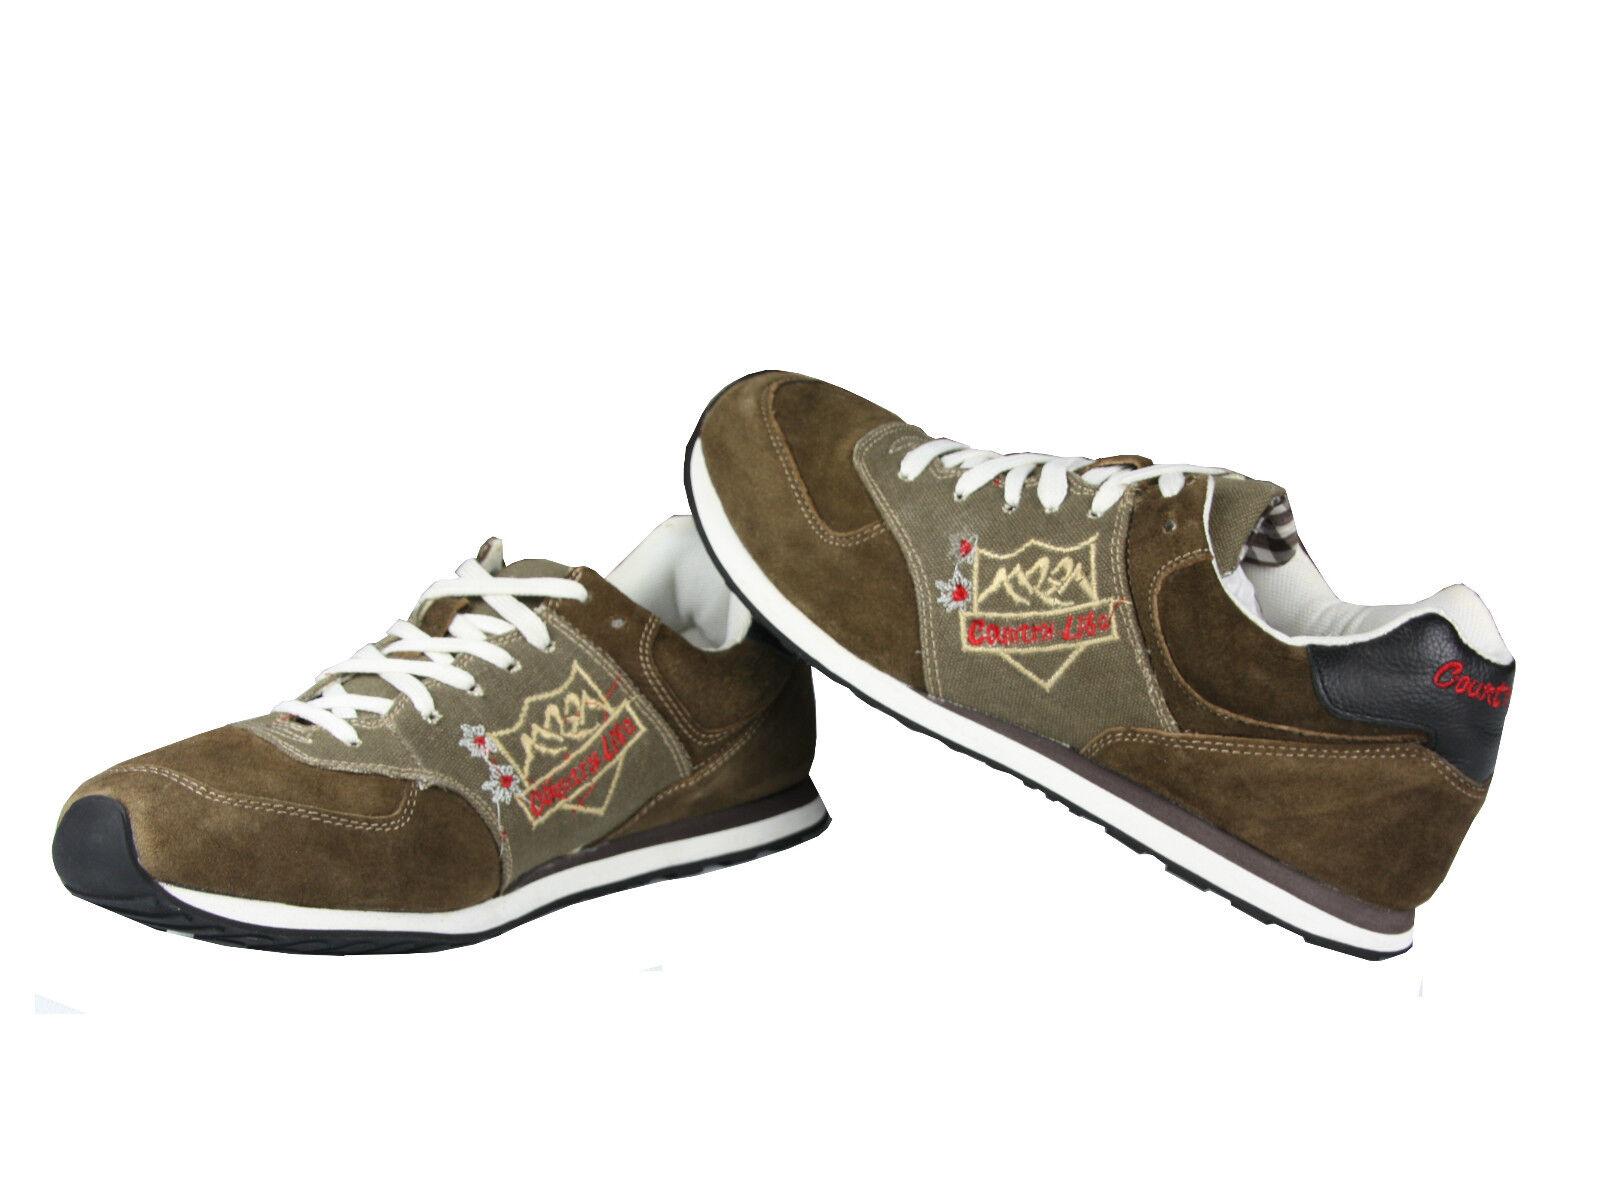 Los últimos zapatos de descuento para hombres y mujeres Lekra calcetines cortos Niklas Trachten marca de zapatillas Oktoberfest deportivo zapato